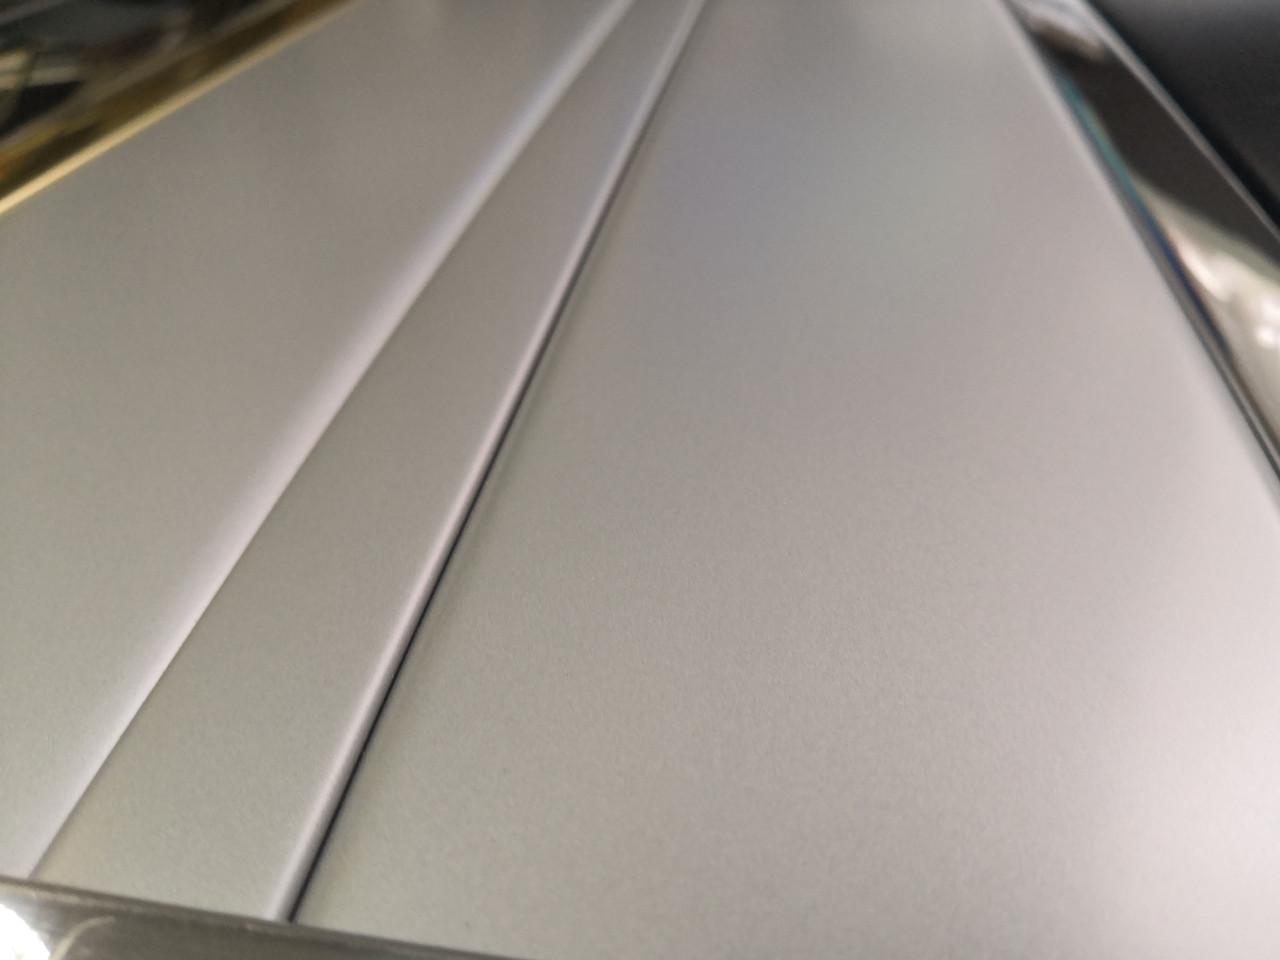 Реечный алюминиевый потолок Allux серебро металлик комплект 180 см х 200 см